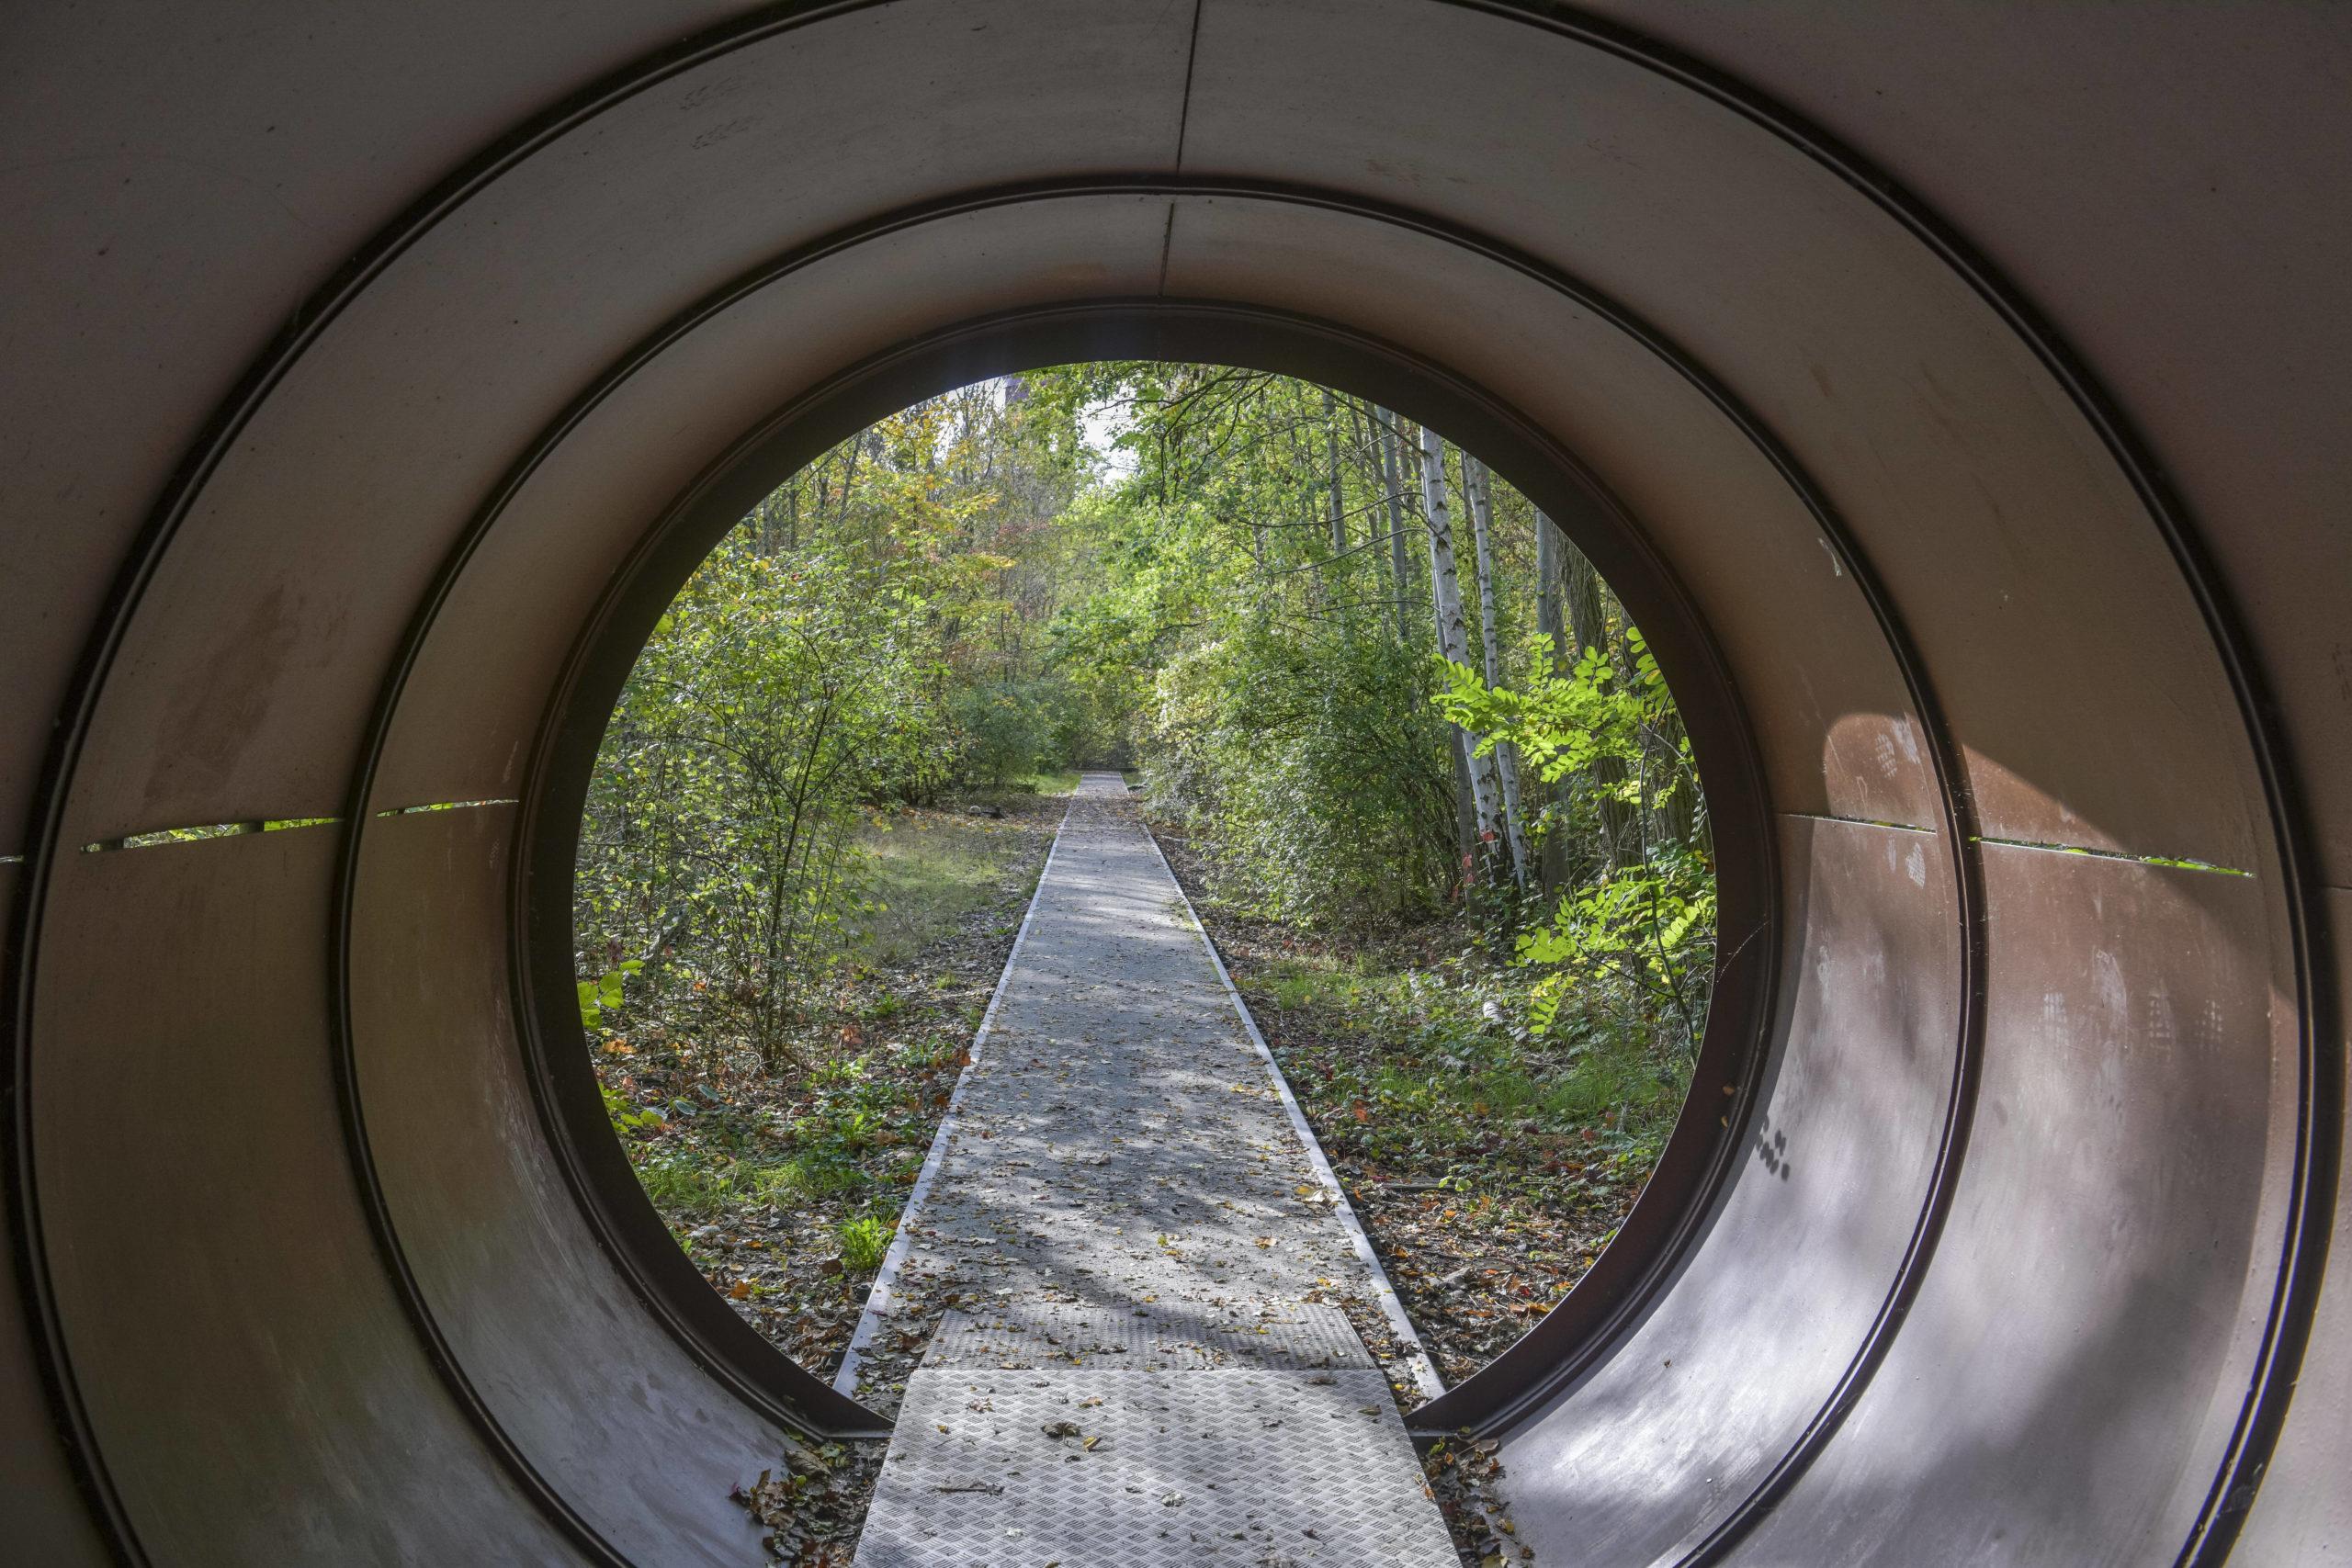 Durch Eisenröhren hindurch und über Stege und Gitter am Boden bewegt ihr euch durch den Natur-Park Südgelände. Foto: Imago/Schöning